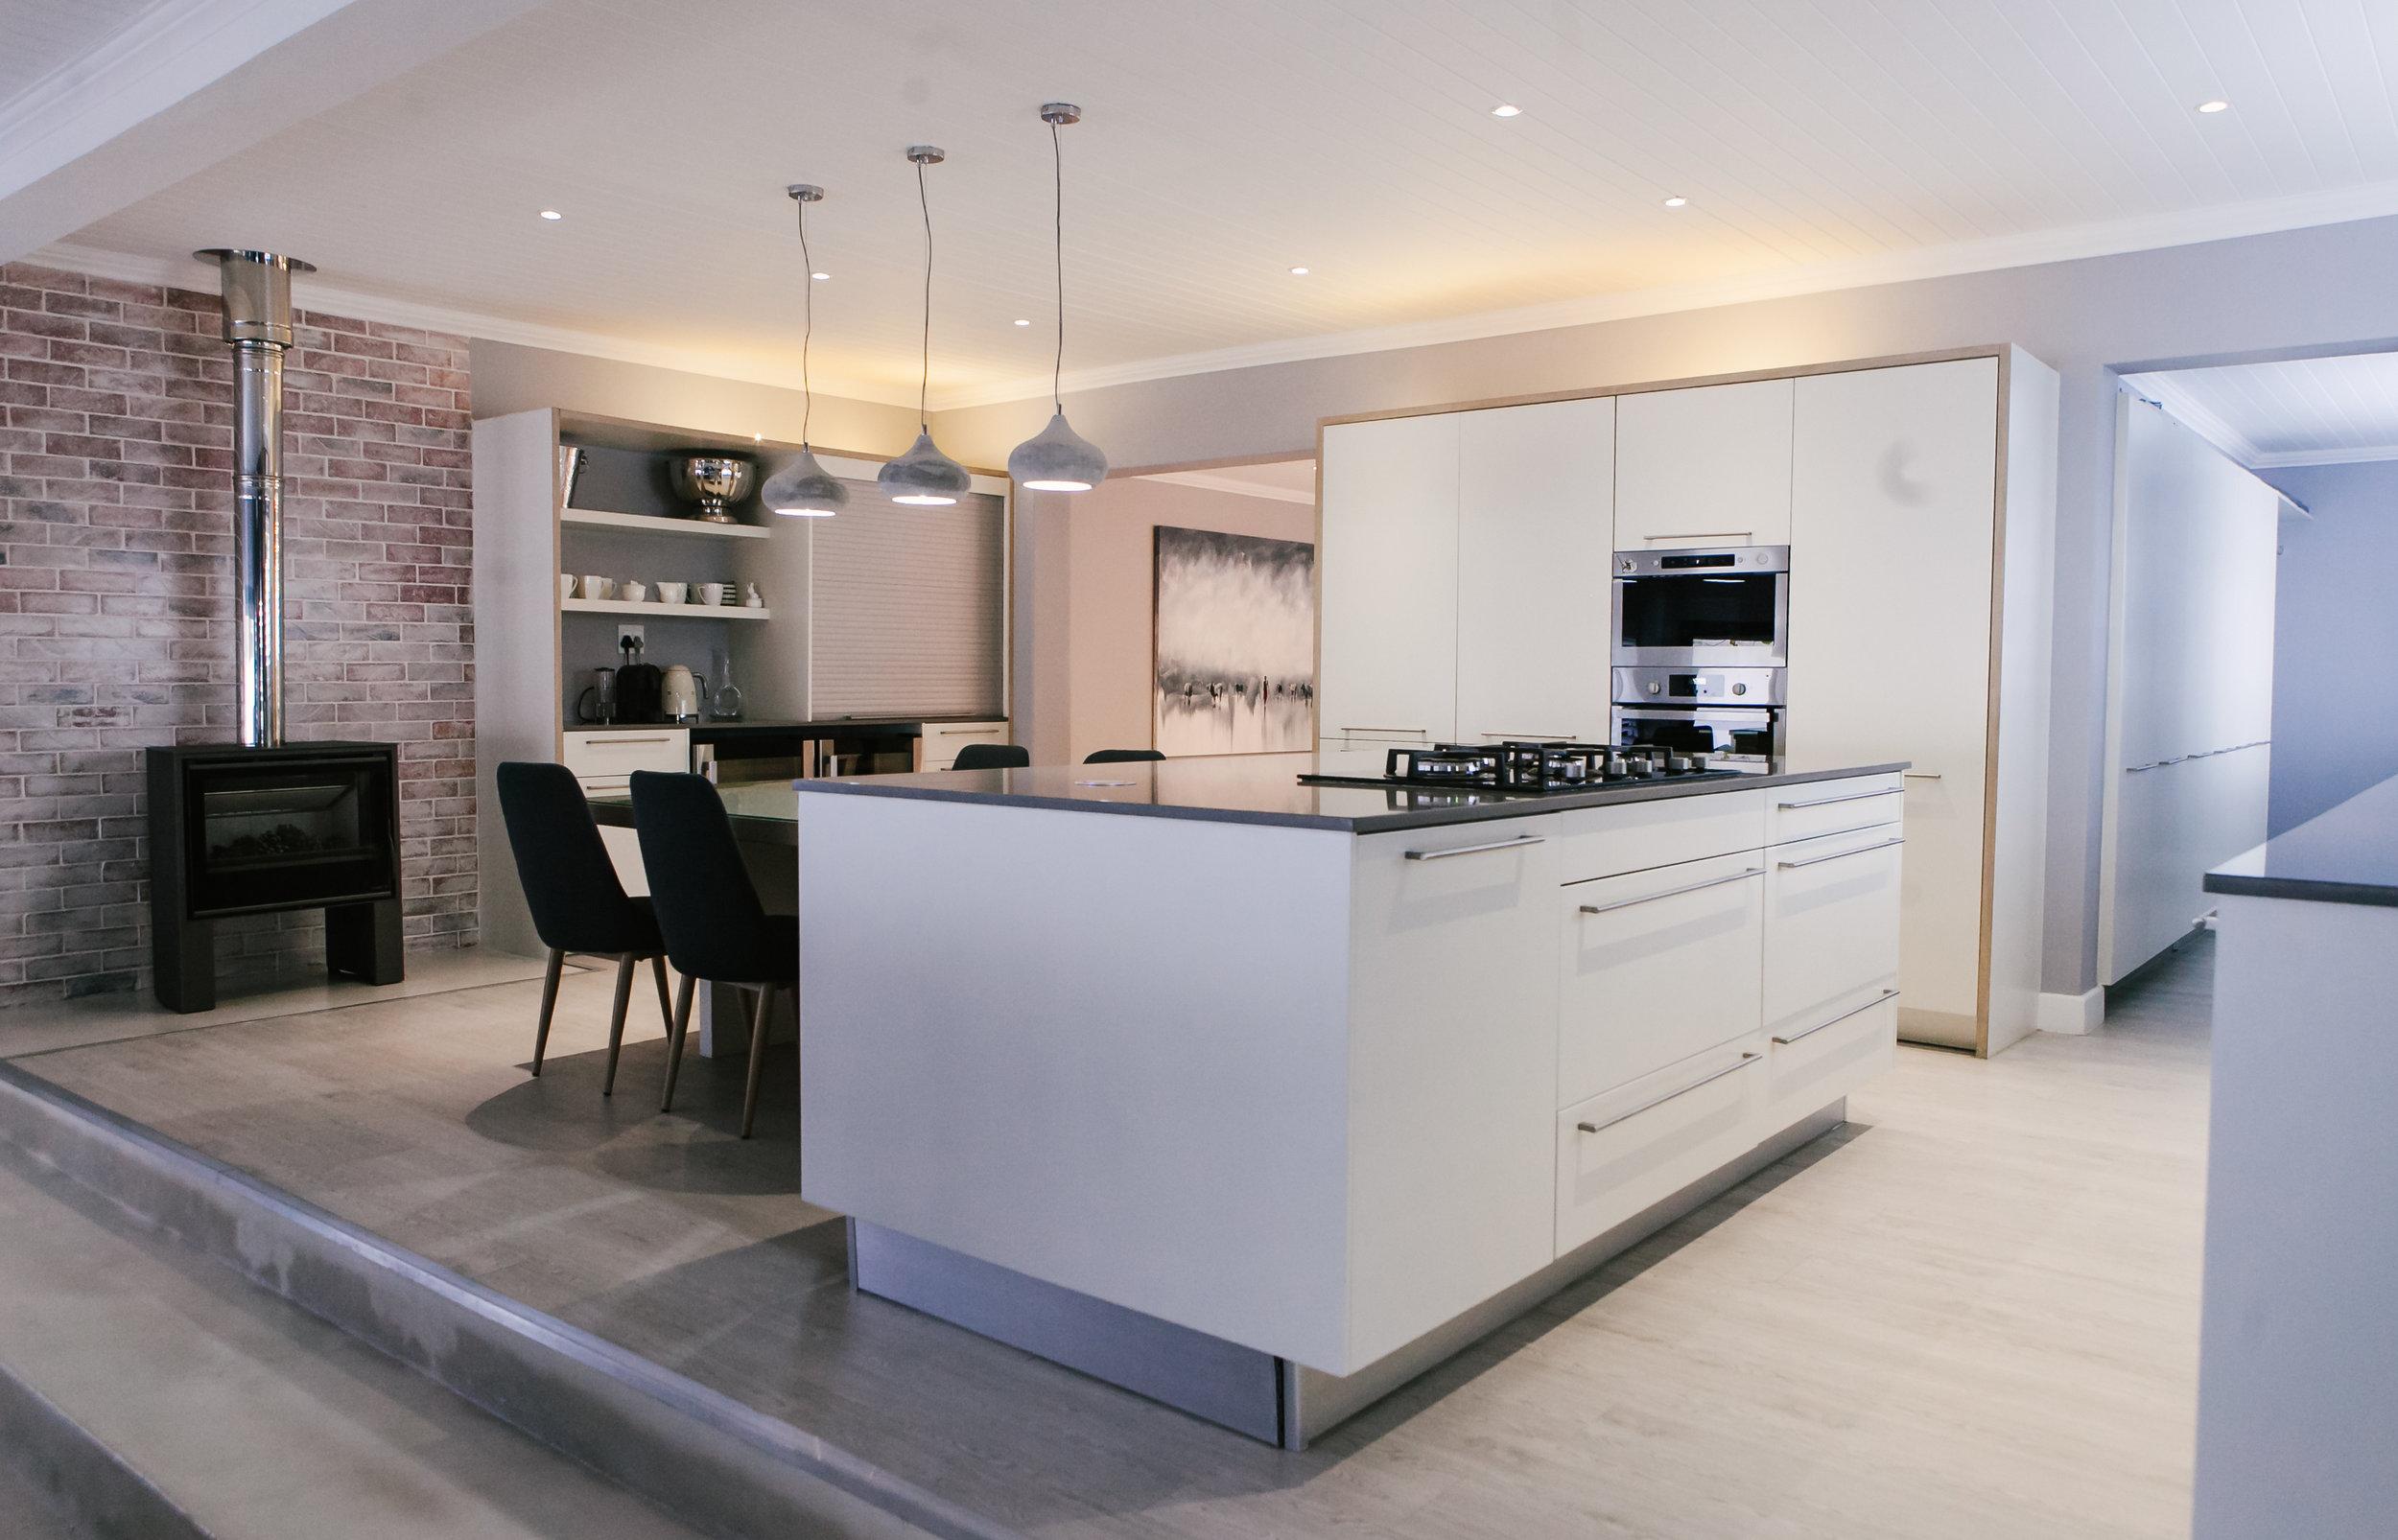 Stellenbosch kitchen 4.jpg